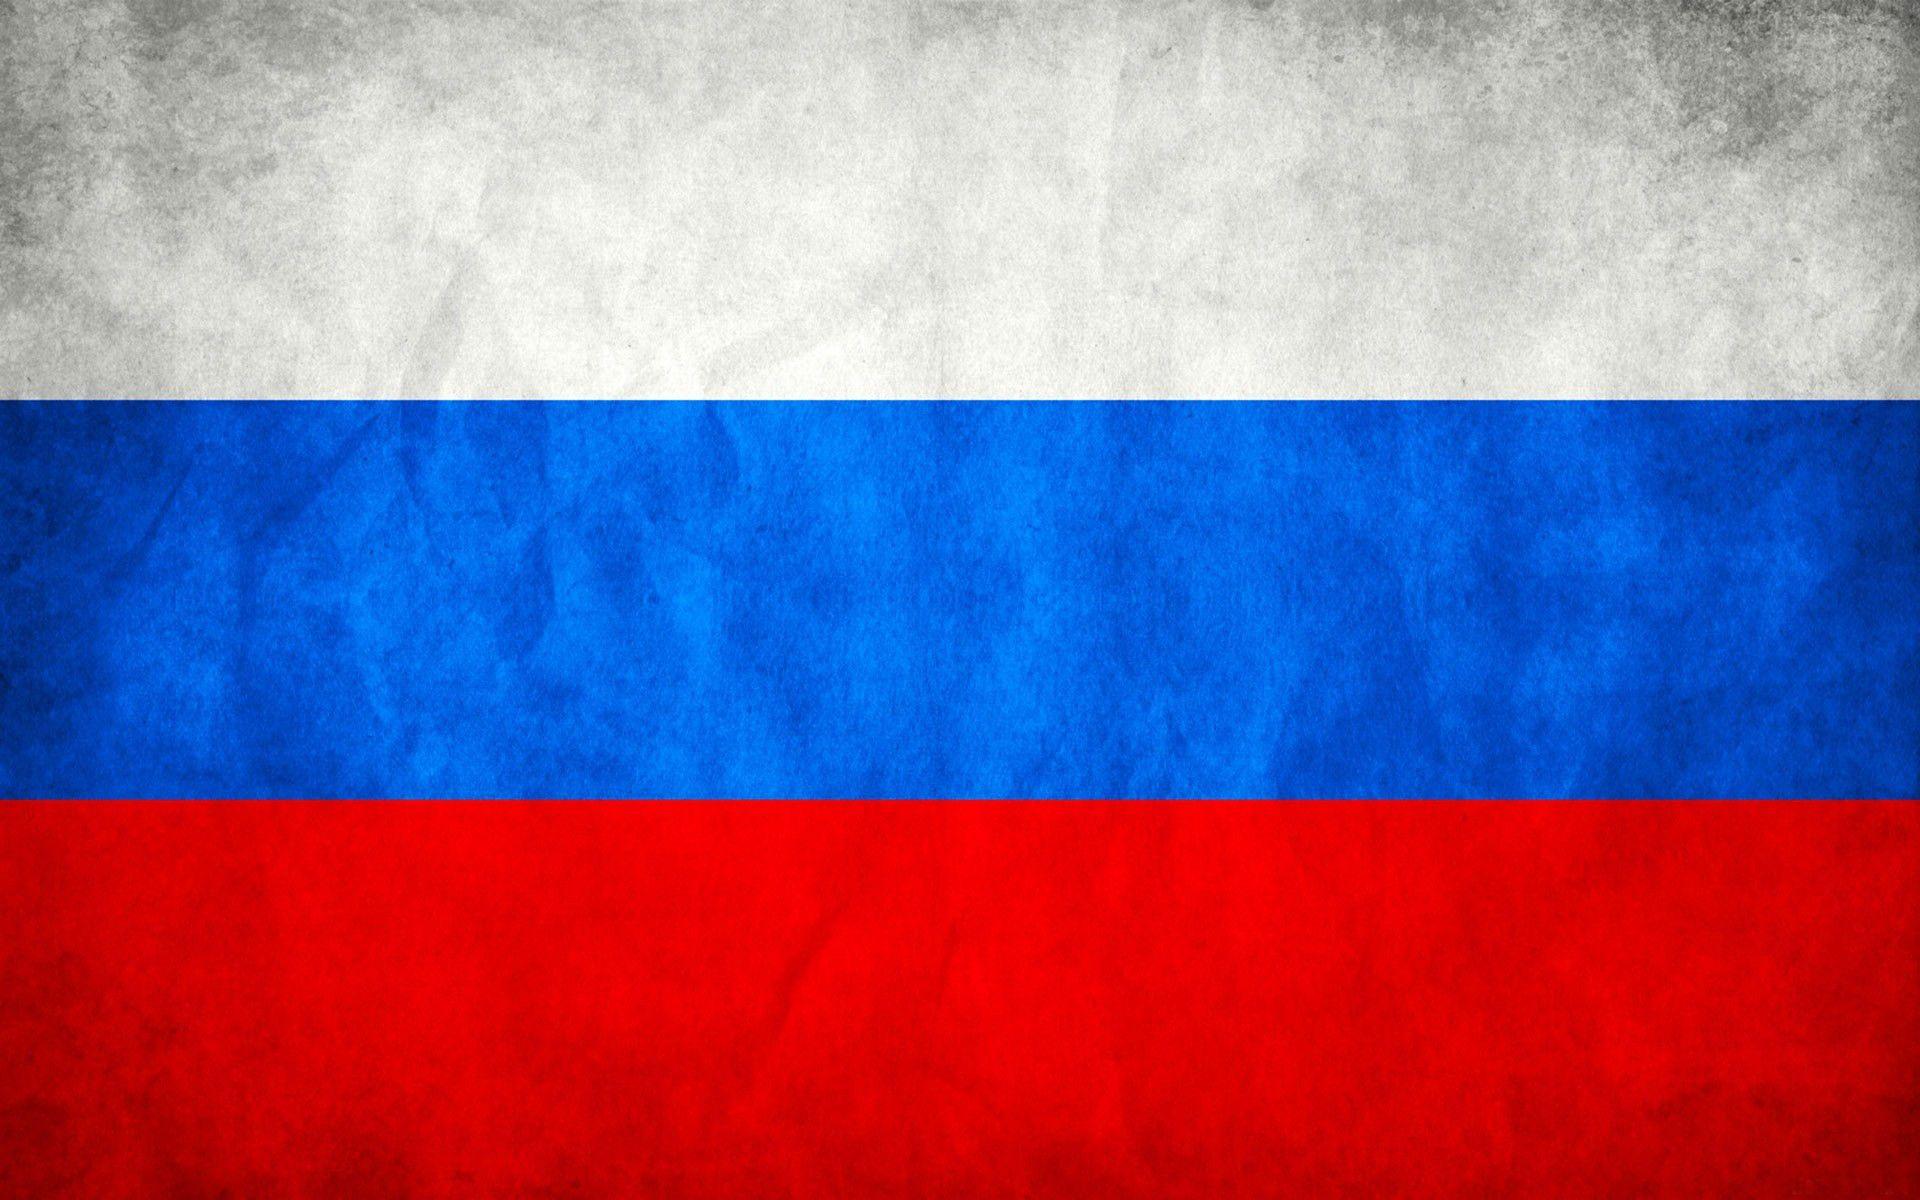 флаг россии красивые картинки